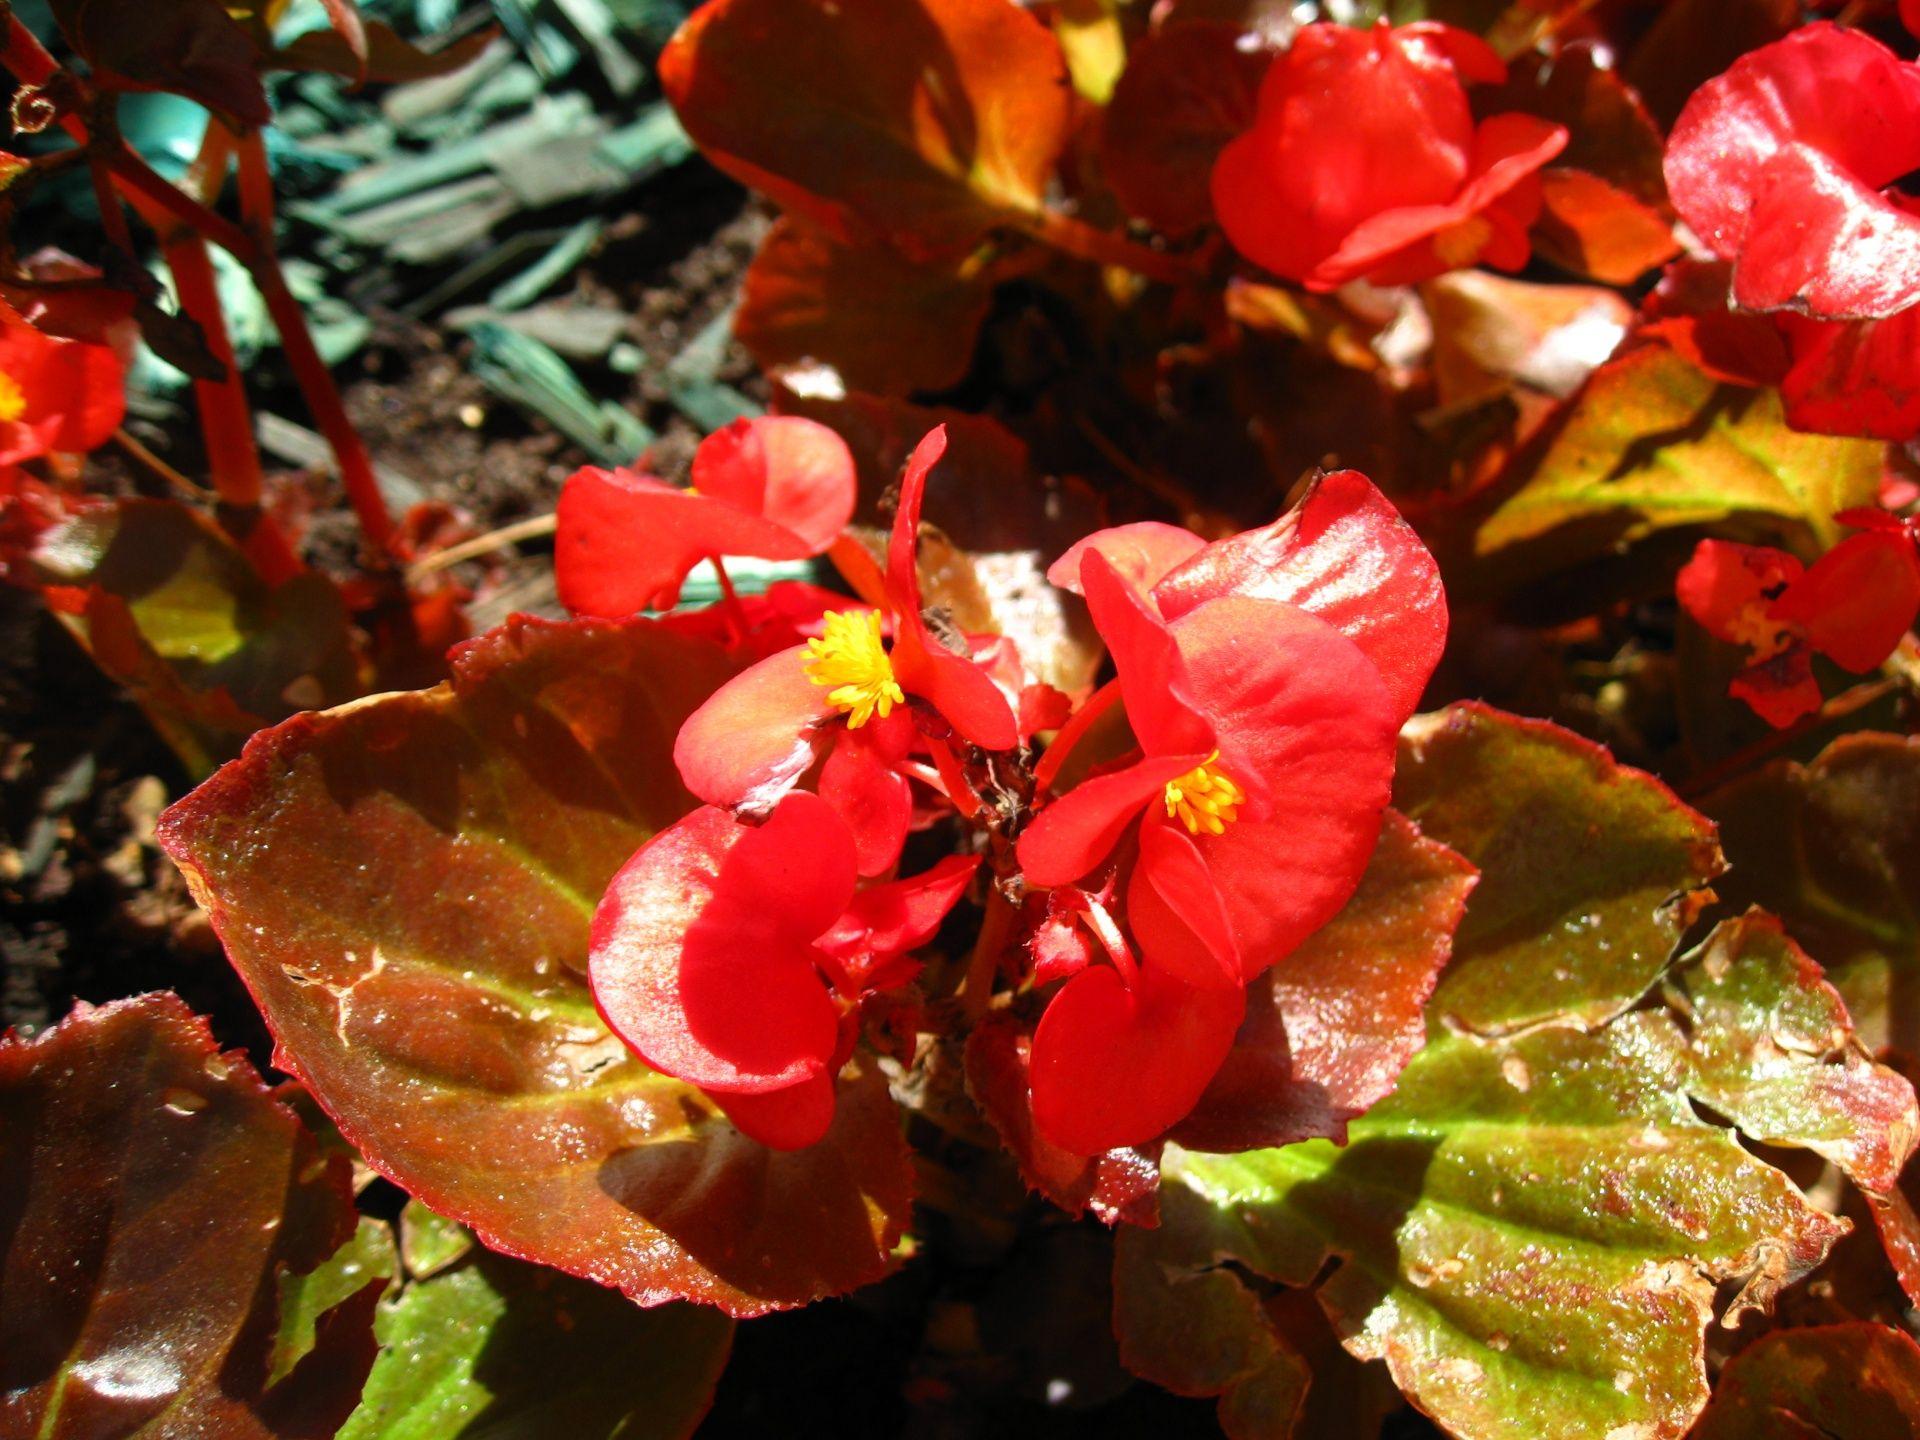 Цветы бегонии на клумбе   Бегония, Цветы и Клумбы